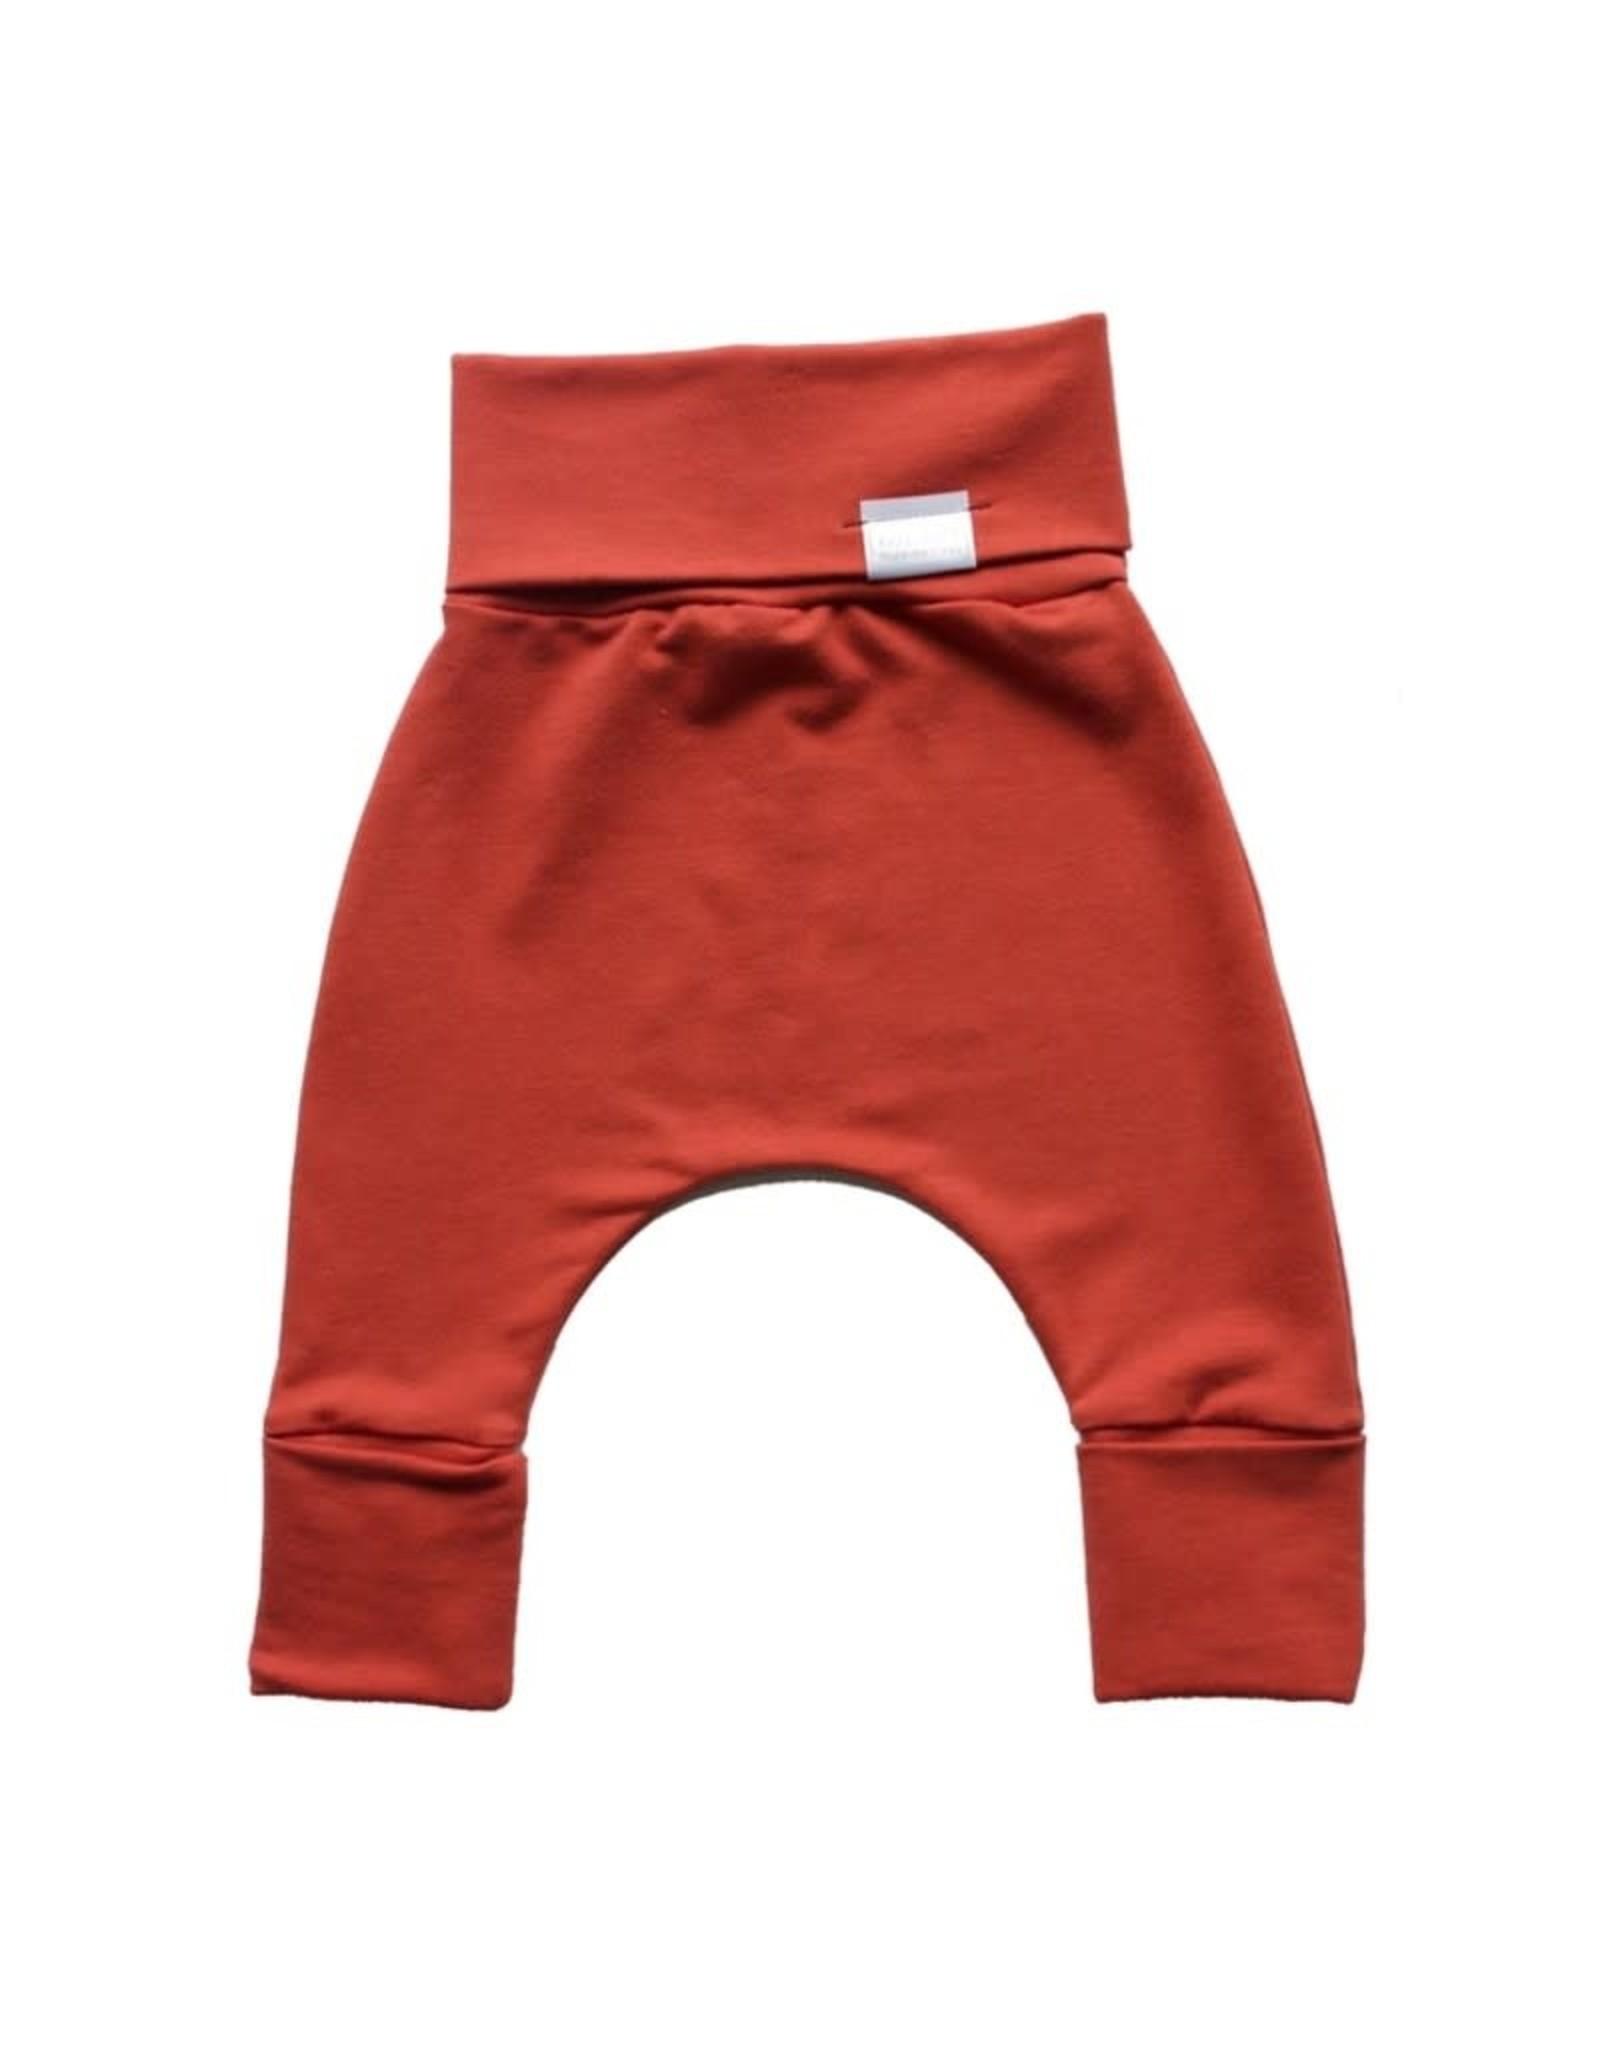 Kid's Stuff Pantalon évolutif PE21 Kid's Stuff Corail